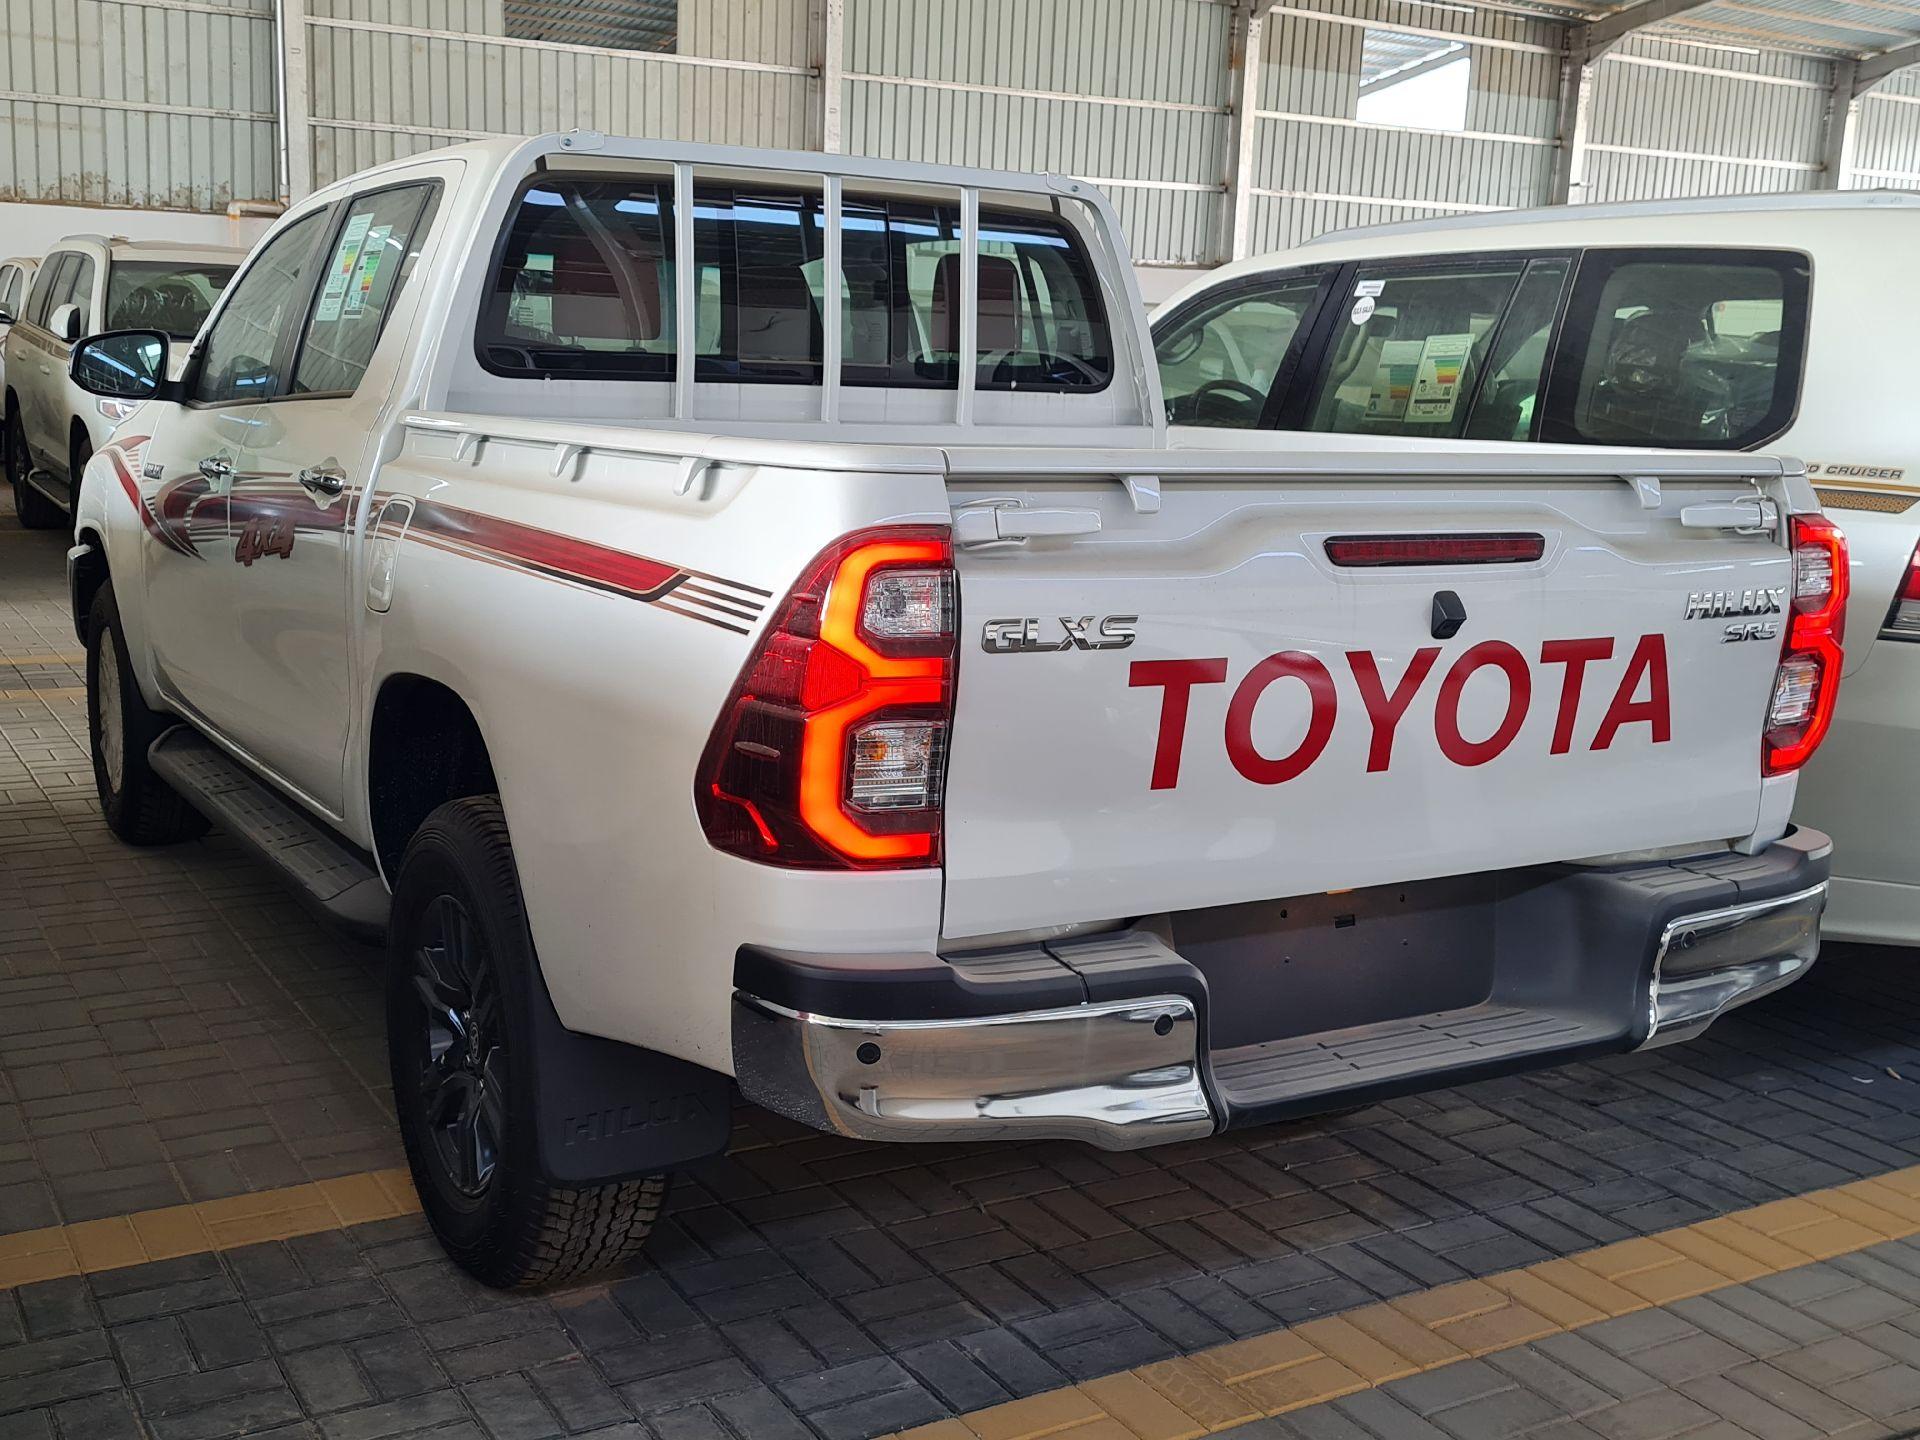 تويوتا هايلكس 2021 للبيع للبيع في الرياض - السعودية - صورة كبيرة - 6